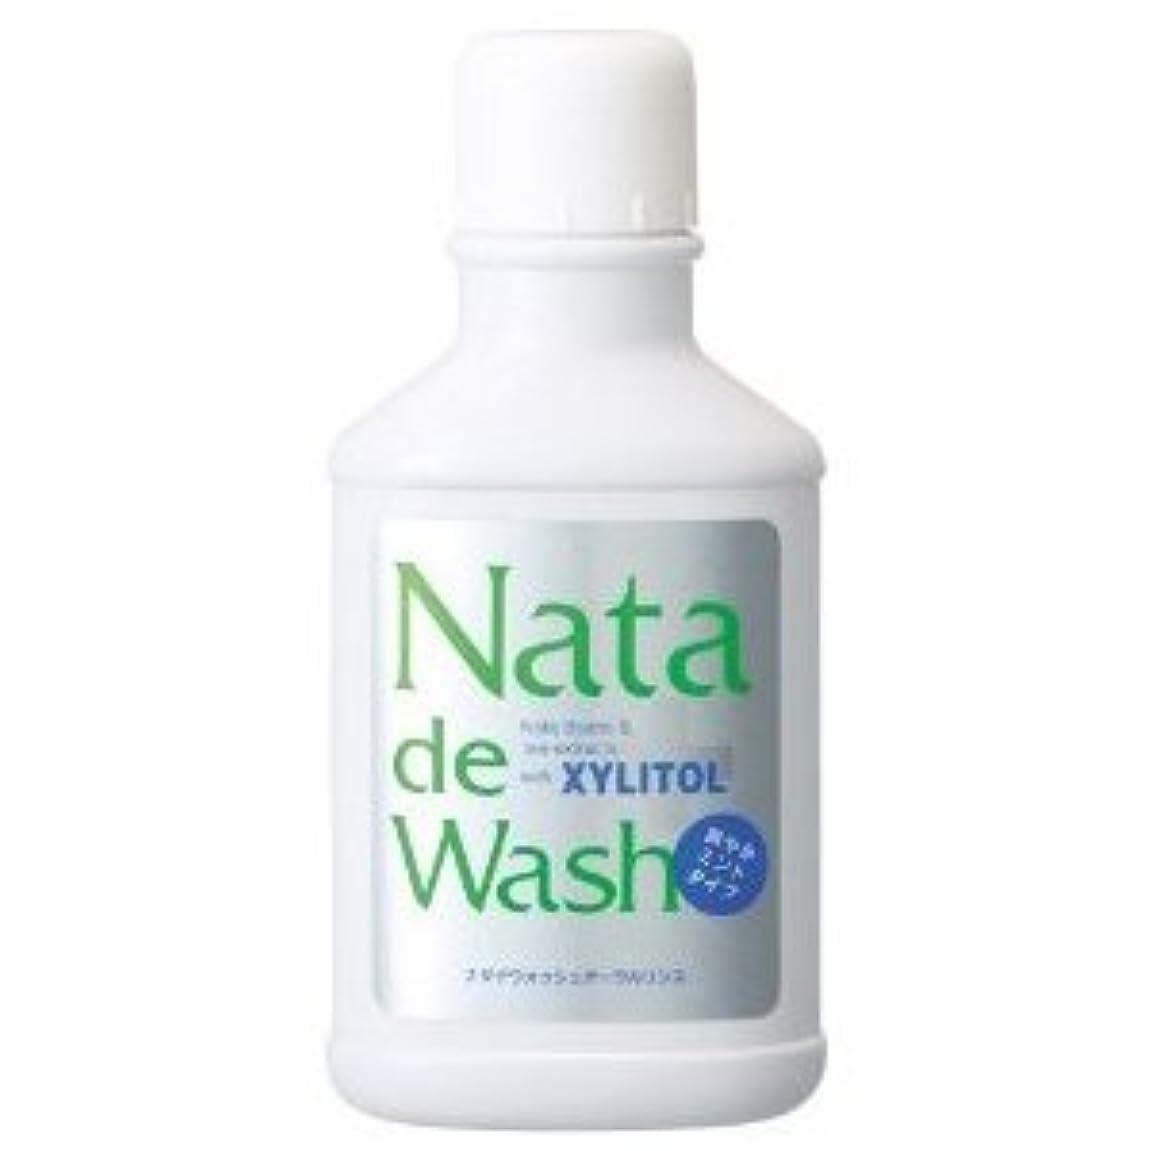 小さなフォアマンアボート20秒の口臭対策 ナタデウォッシュ 500ml ナタデウォッシュEX